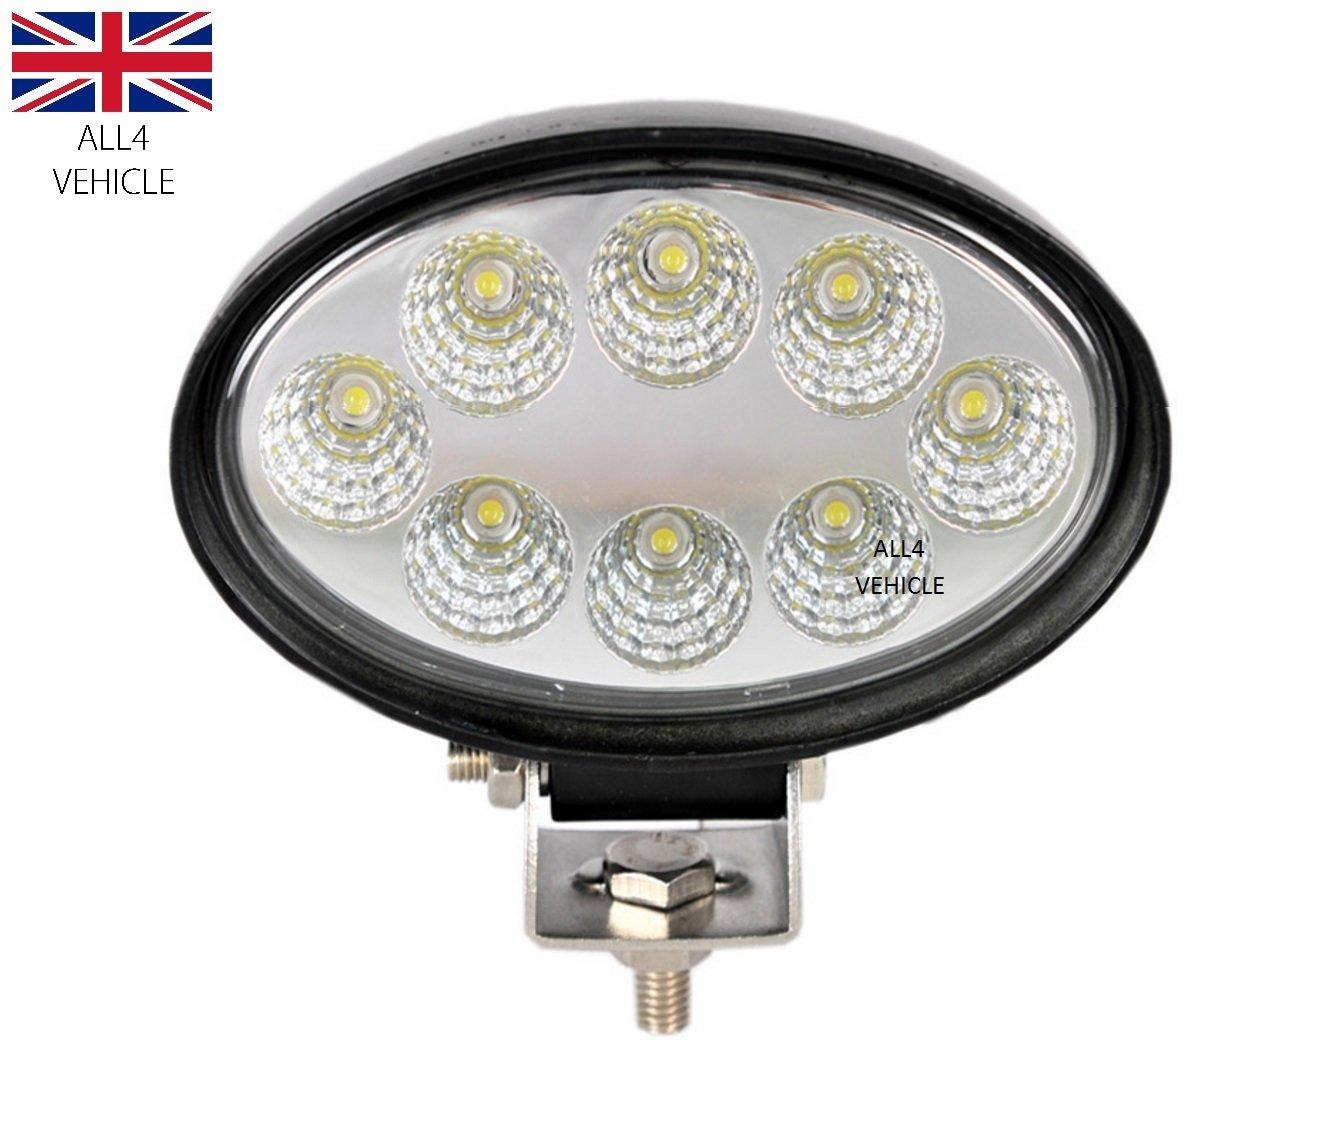 2 X HIGH POWER 12V 24V LED OVAL WORK LAMP FLOOD LIGHT TRUCK CAR 4X4 TRAILER VAN EAS LTD